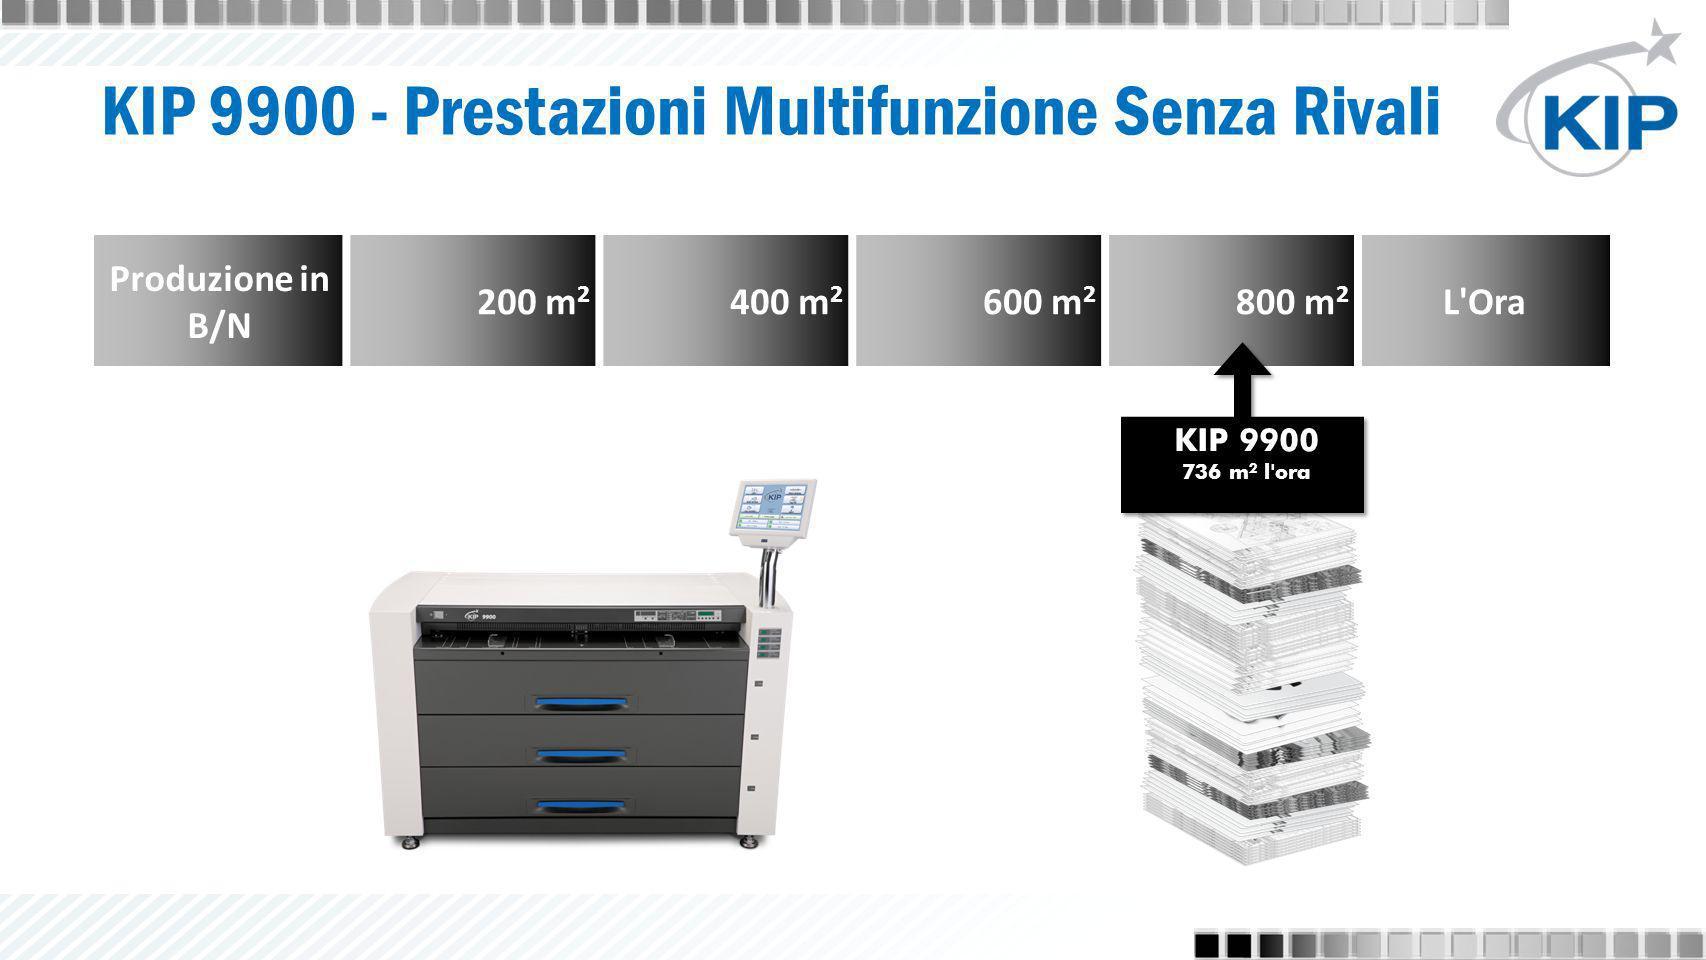 Produzione in B/N 200 m 2 400 m 2 600 m 2 800 m 2 L'Ora KIP 9900 - Prestazioni Multifunzione Senza Rivali KIP 9900 736 m 2 l'ora